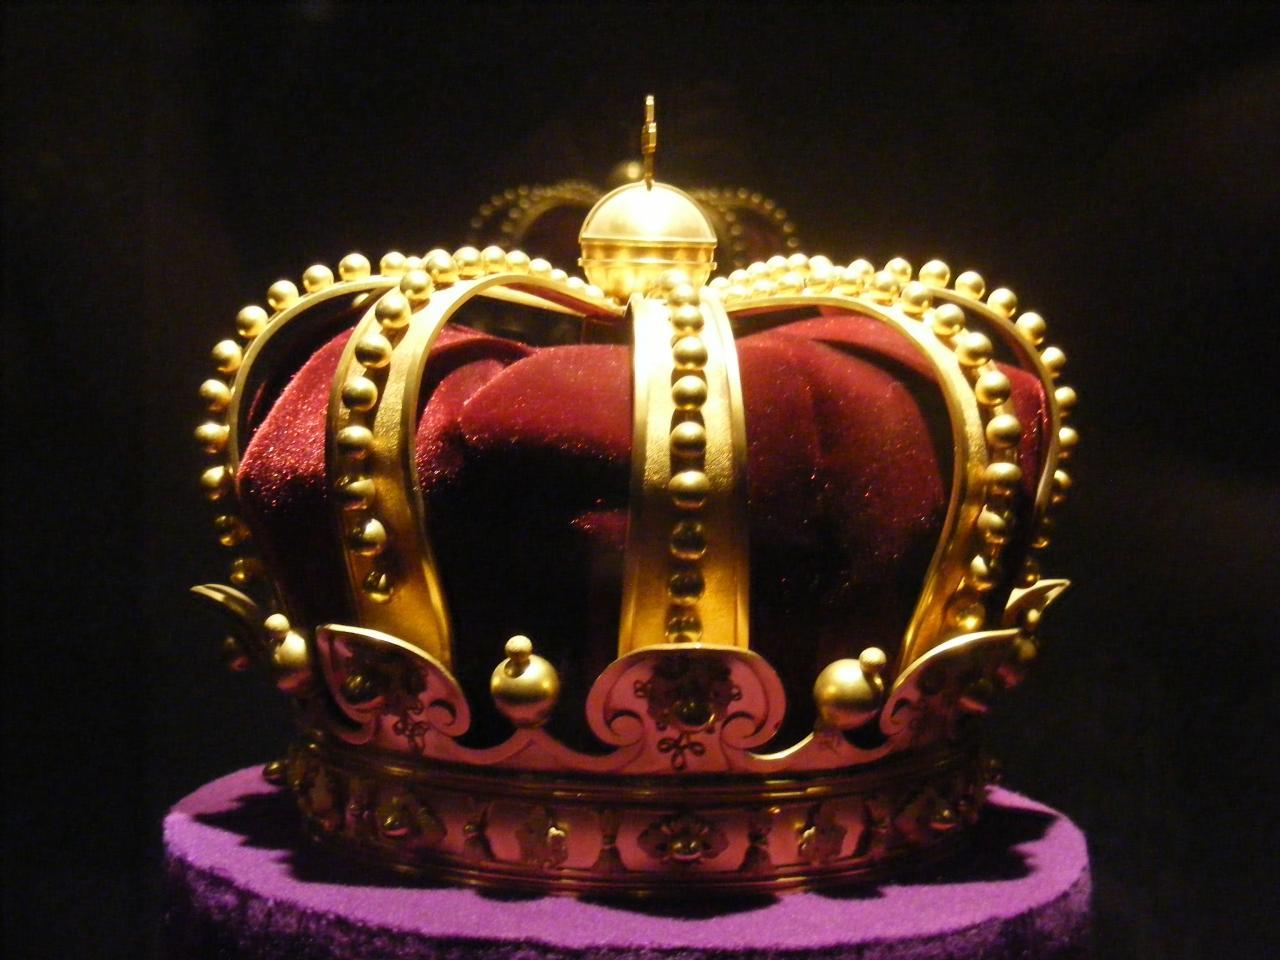 صورة حاجة حلوة و لا وحشة , تفسير حلم رؤية الملك